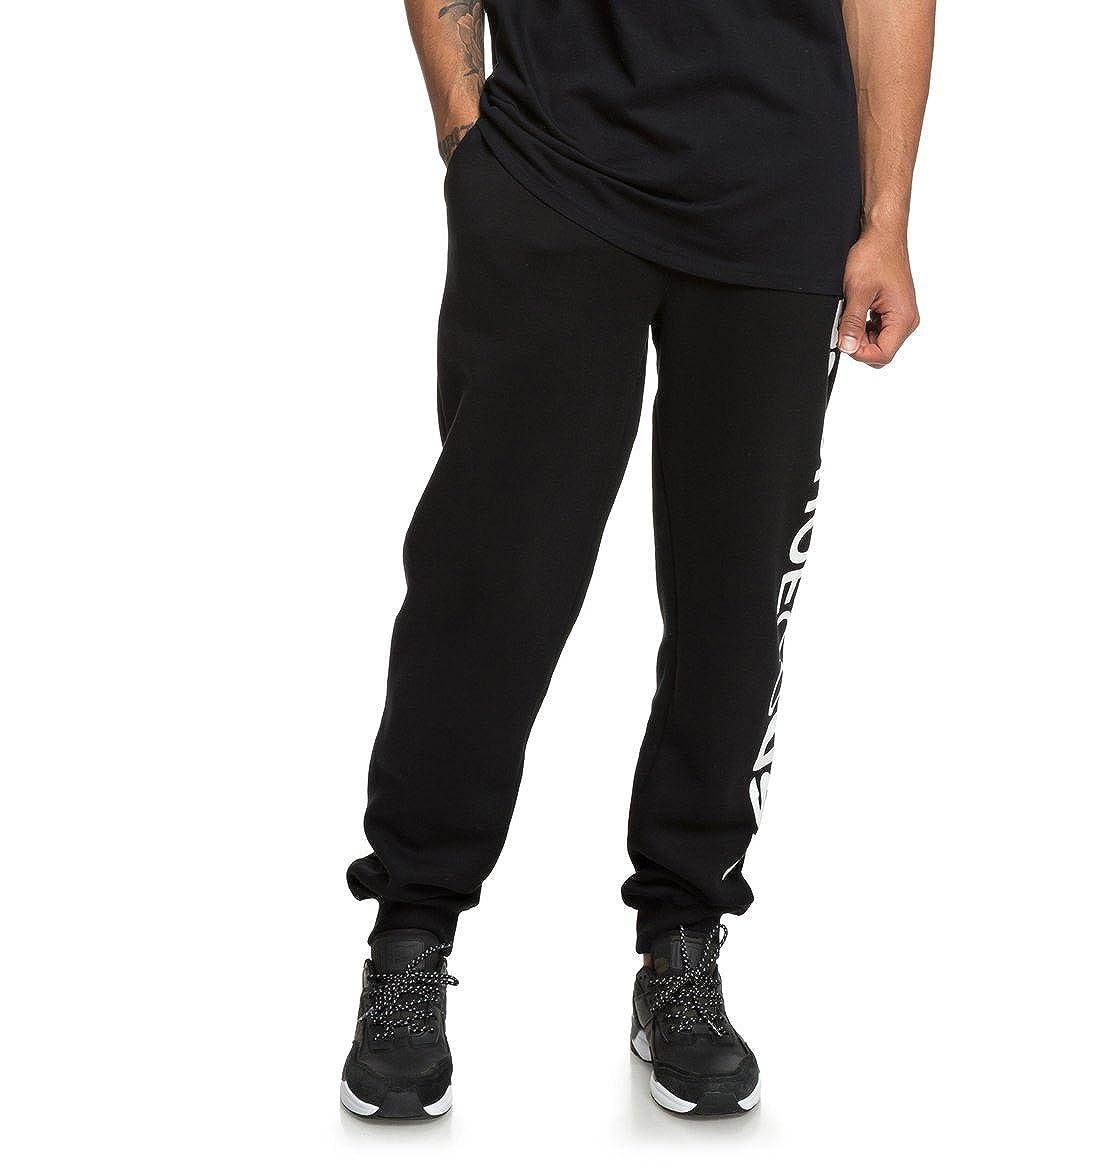 DC schuhe Clewiston - Jogginghose für Männer EDYFB03052 EDYFB03052 EDYFB03052 B07DHSZFQP Hosen Üppiges Design 300d27